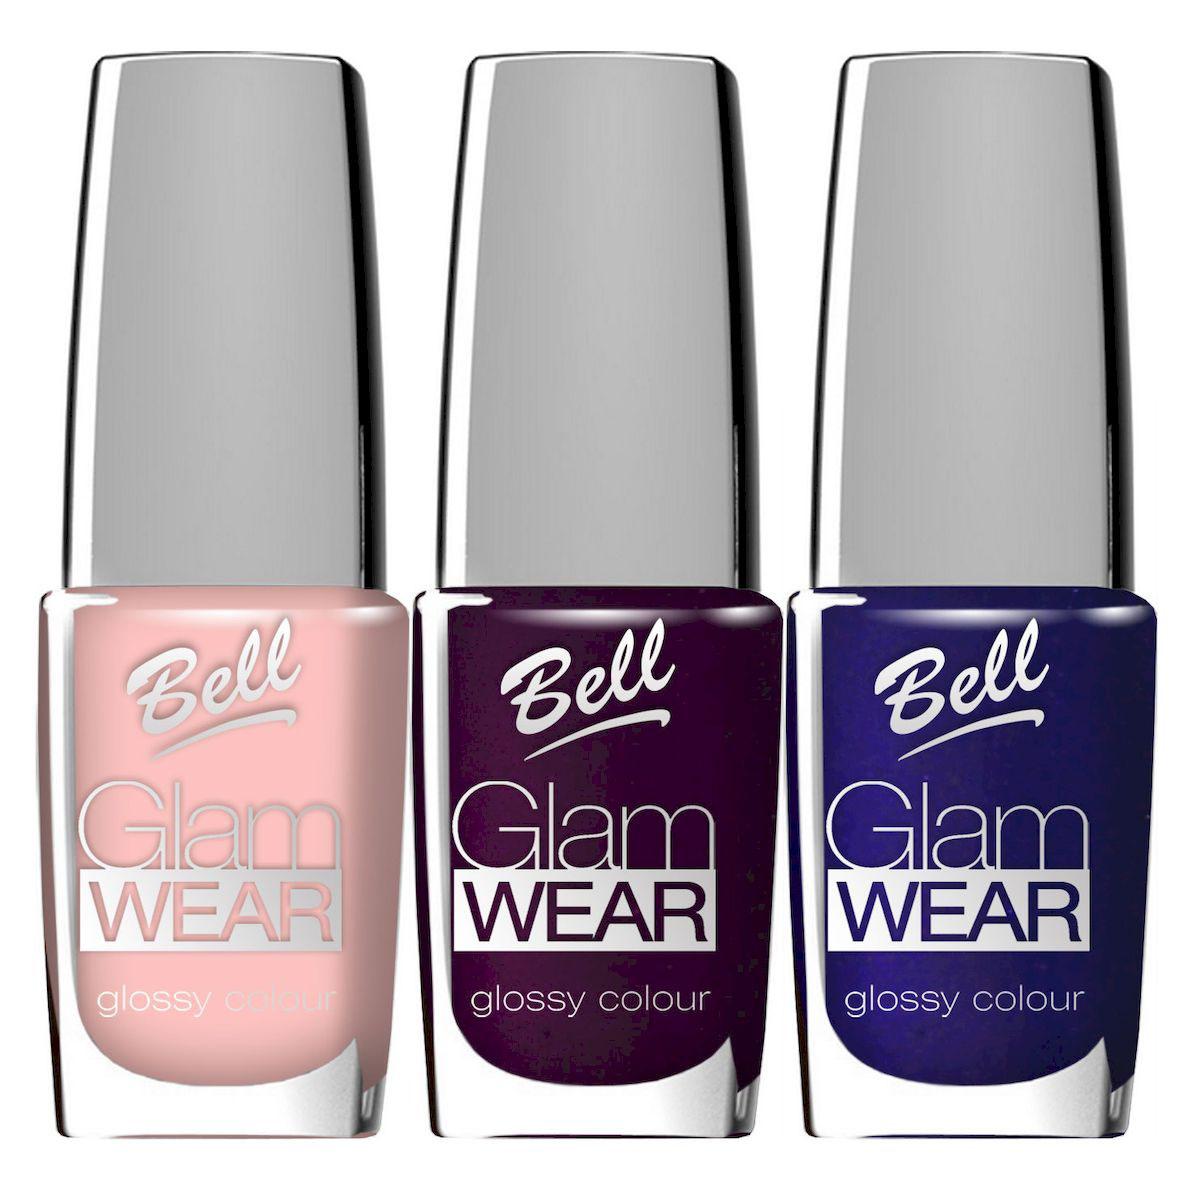 Bell Набор устойчивых лаков для ногтей с глянцевым эффектом Glam Wear Nail: тон №423, тон №424, тон №440, 30 мл